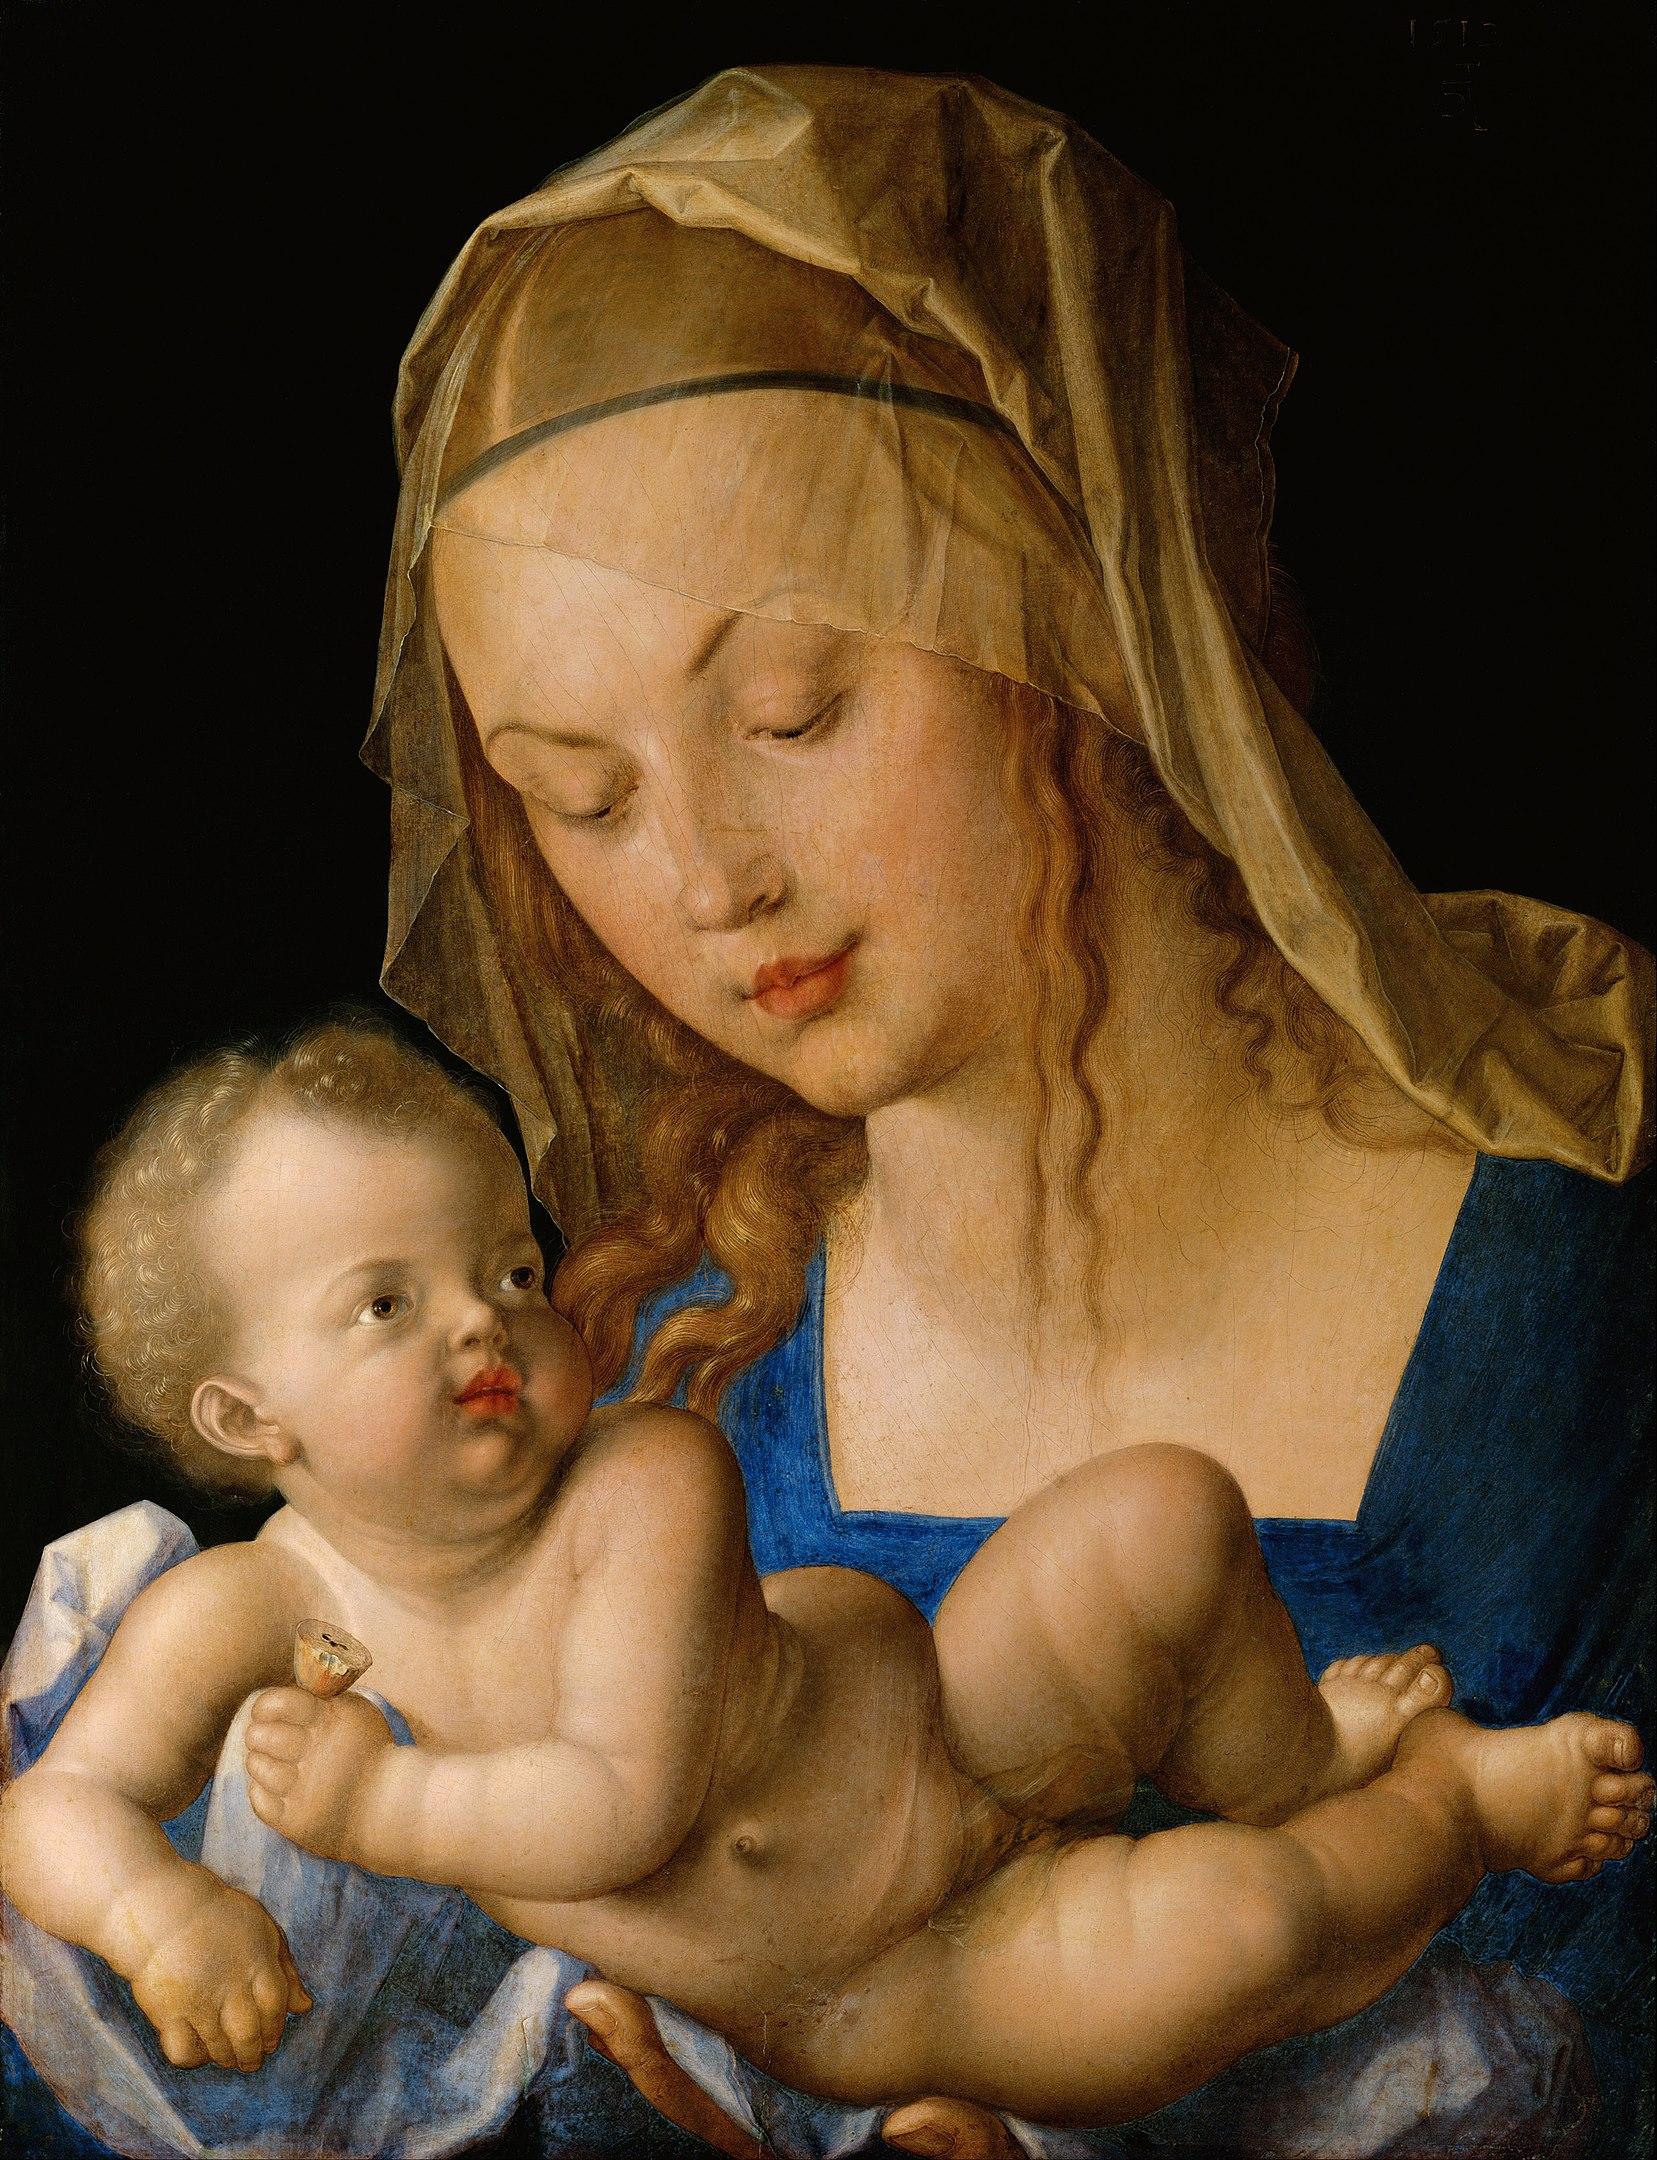 """Альбрехт Дюрер, """"Мадонна с кусочками груши"""". В средние века грушевое дерево считалось символом Божьей Матери, непорочной роженицы, забеременевшей без первородного греха. Предполагается, что груша была символом Марии благодаря своим безупречно белым цветам по весне. .Но Дюрер был тот ещё шутник. Одно то, что младенец держит уже надрезанную грушу «невинности» должно было заставить зрителя задуматься над провозглашаемыми ценностями."""